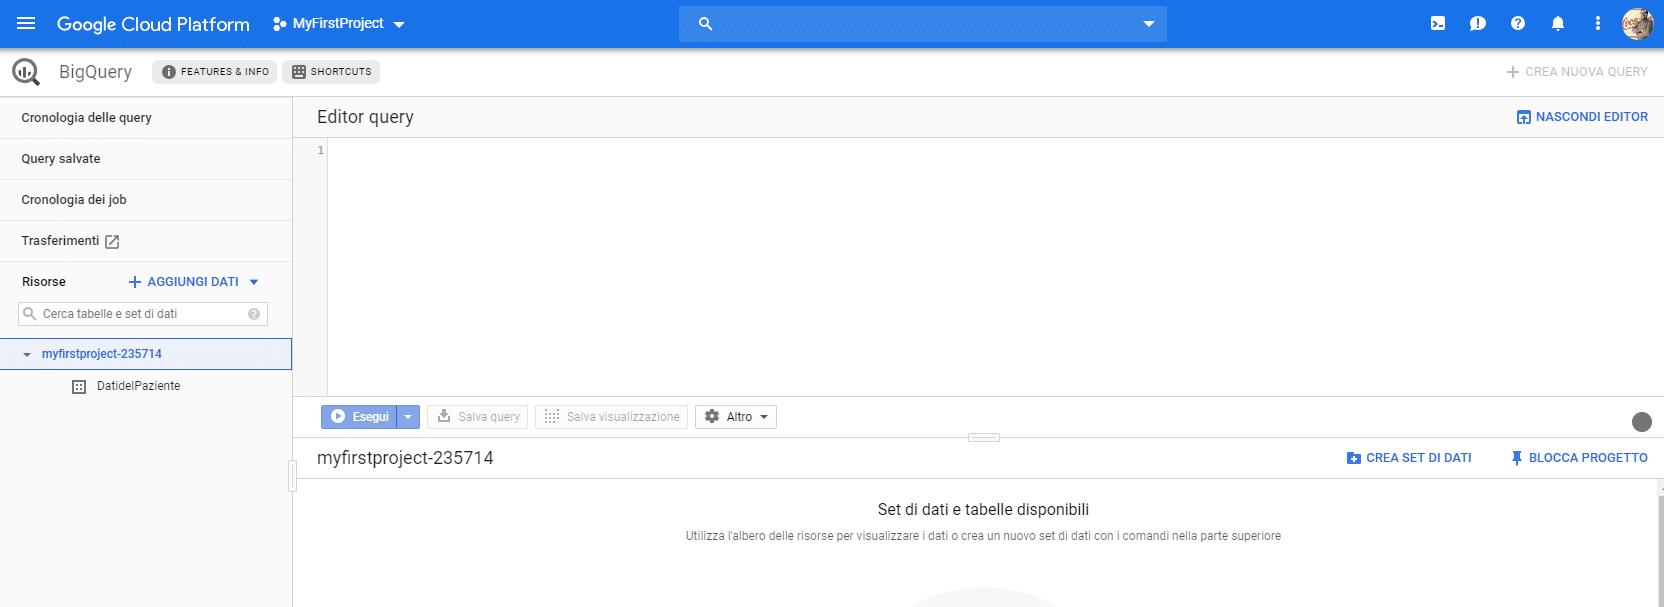 Google Cloud Platform: creare un dataset su google bigquery - e-Service